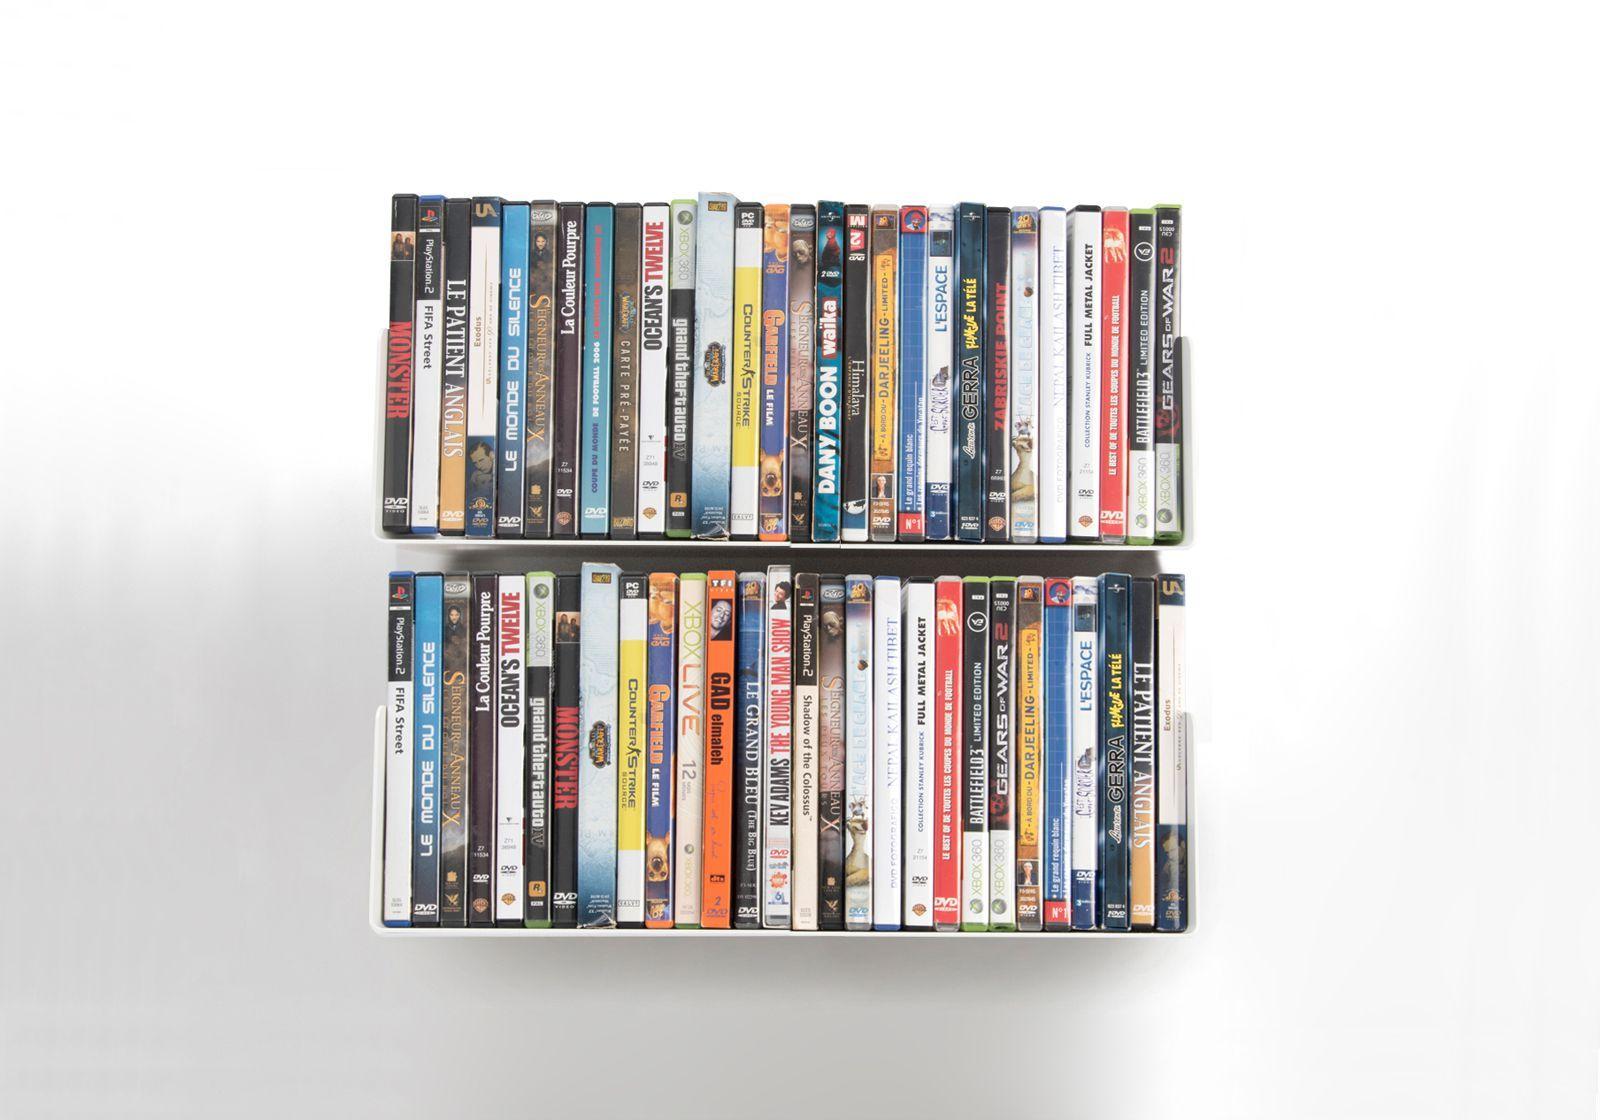 Étagère range DVD USDVD - Lot de 2